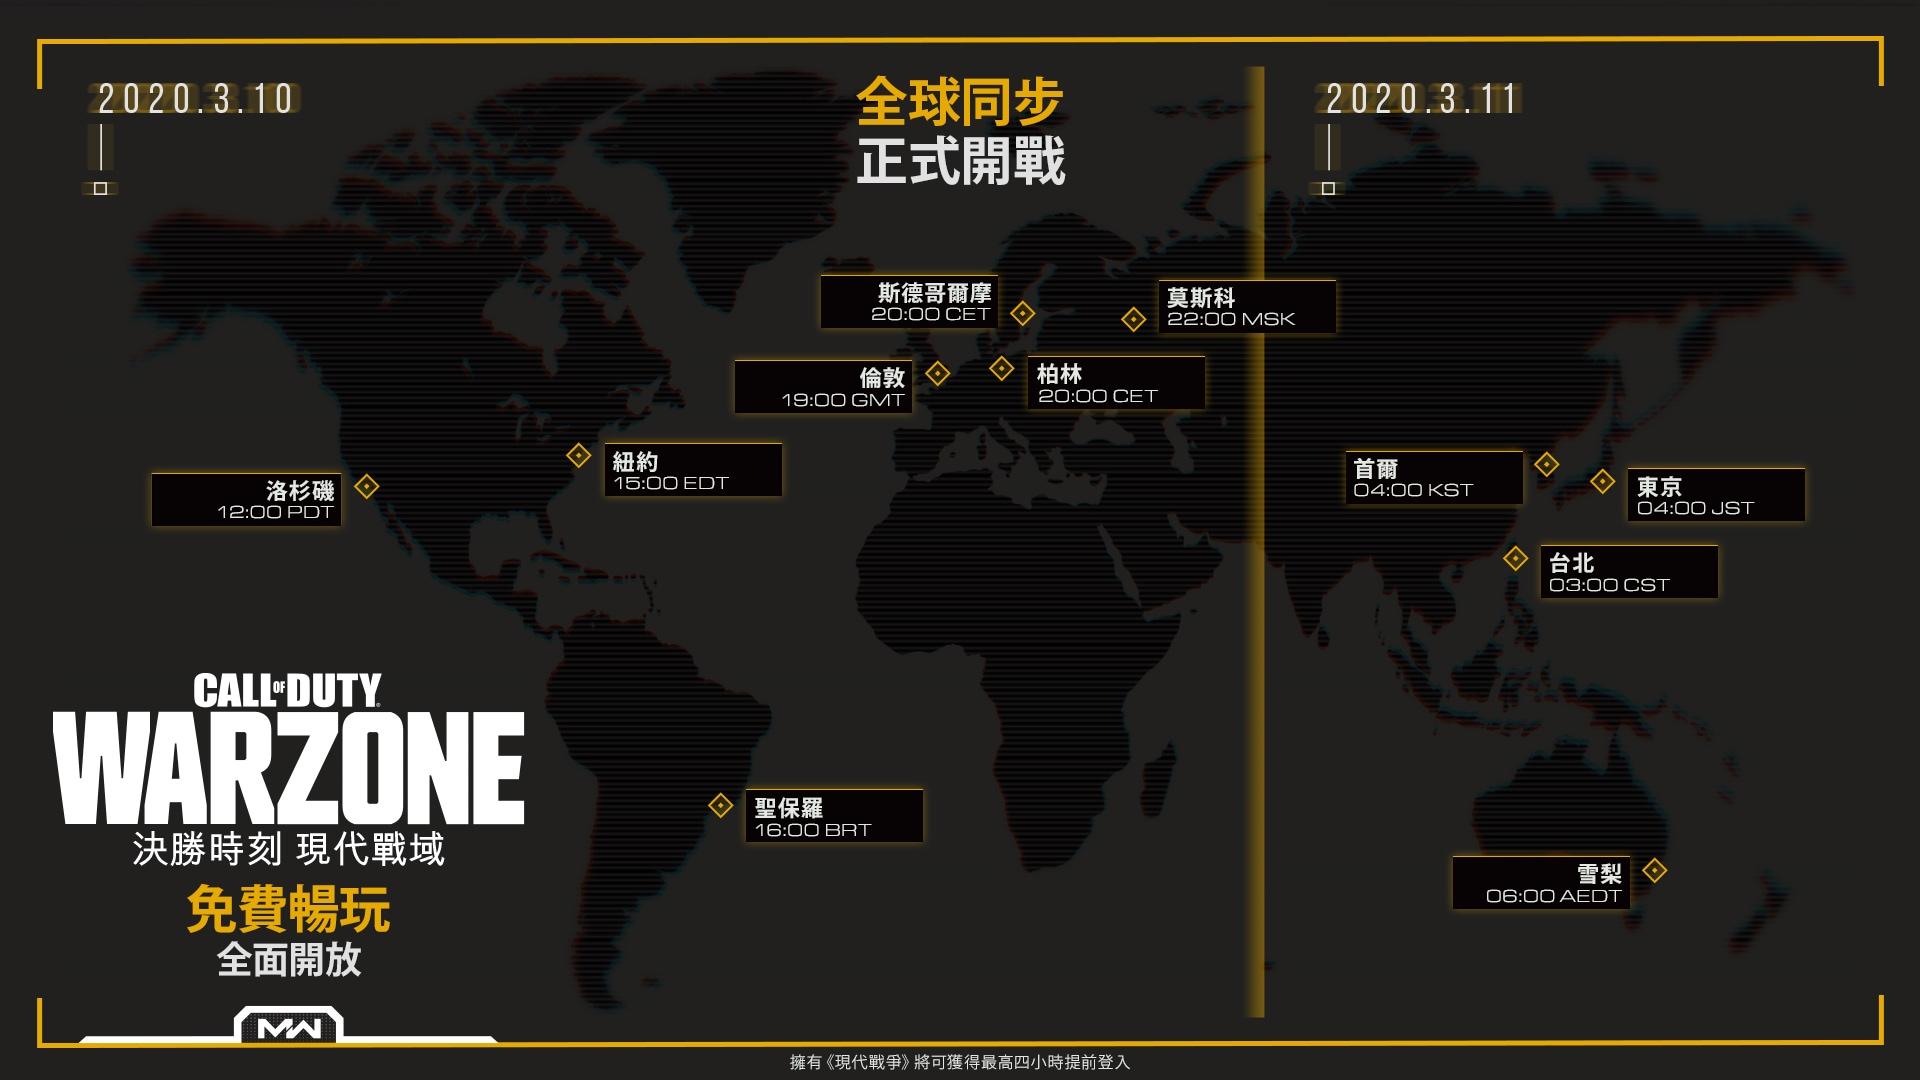 全球同步推出日期表